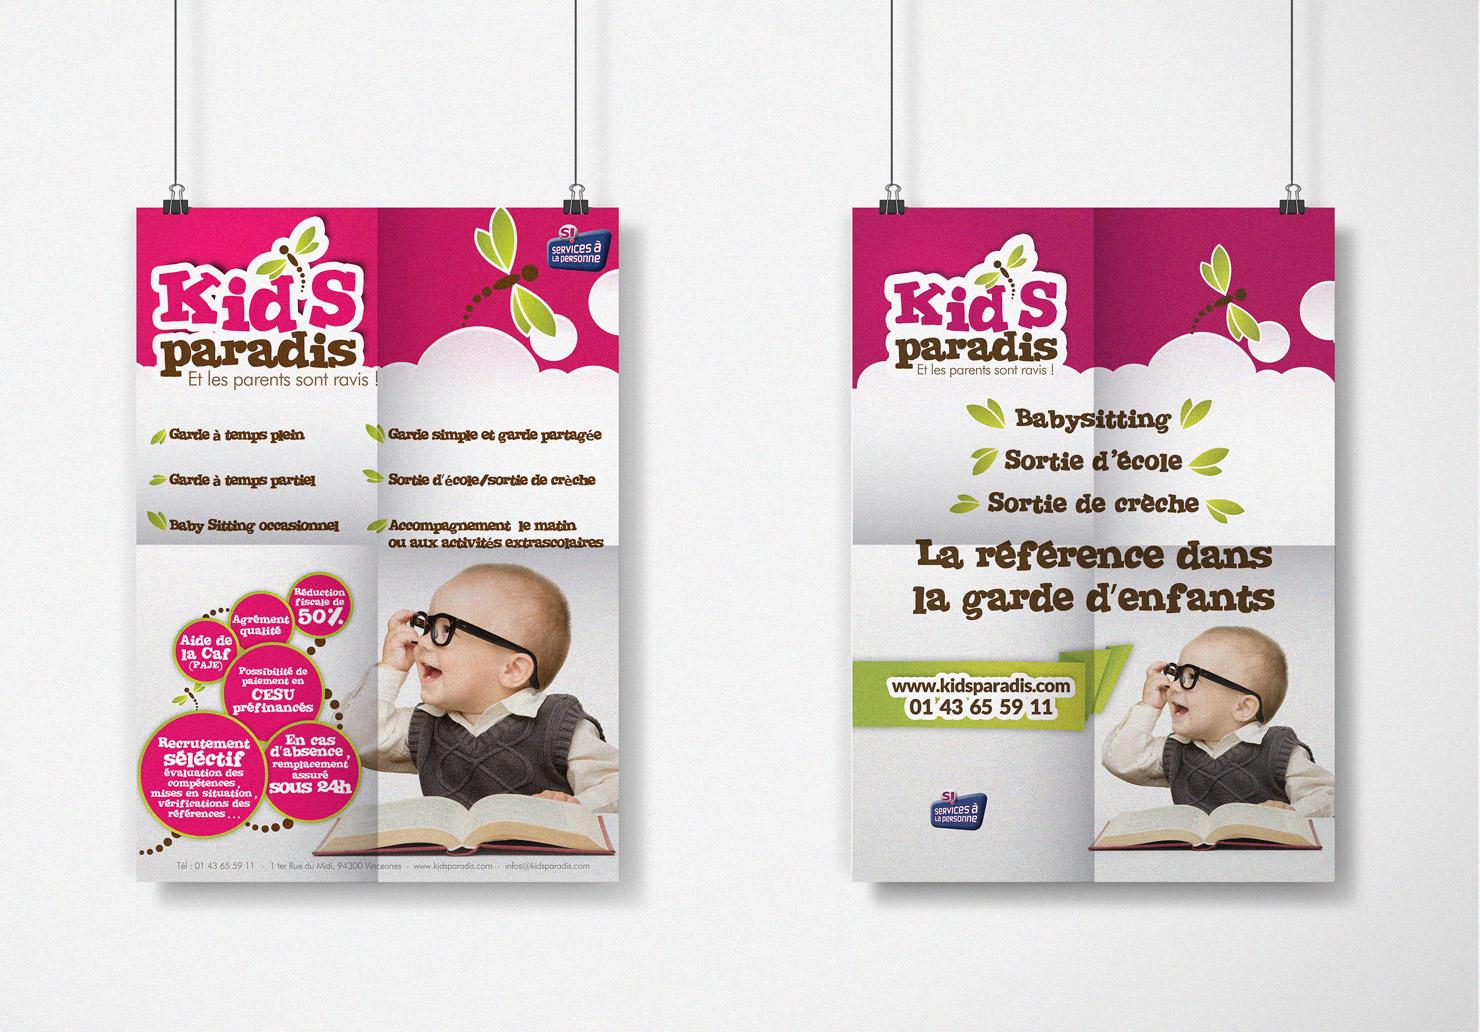 Affiche Kid's Paradis - Création d'affiche par Emilie Le Béhérec Prima, Graphiste freelance dans le domaine de l'enfance